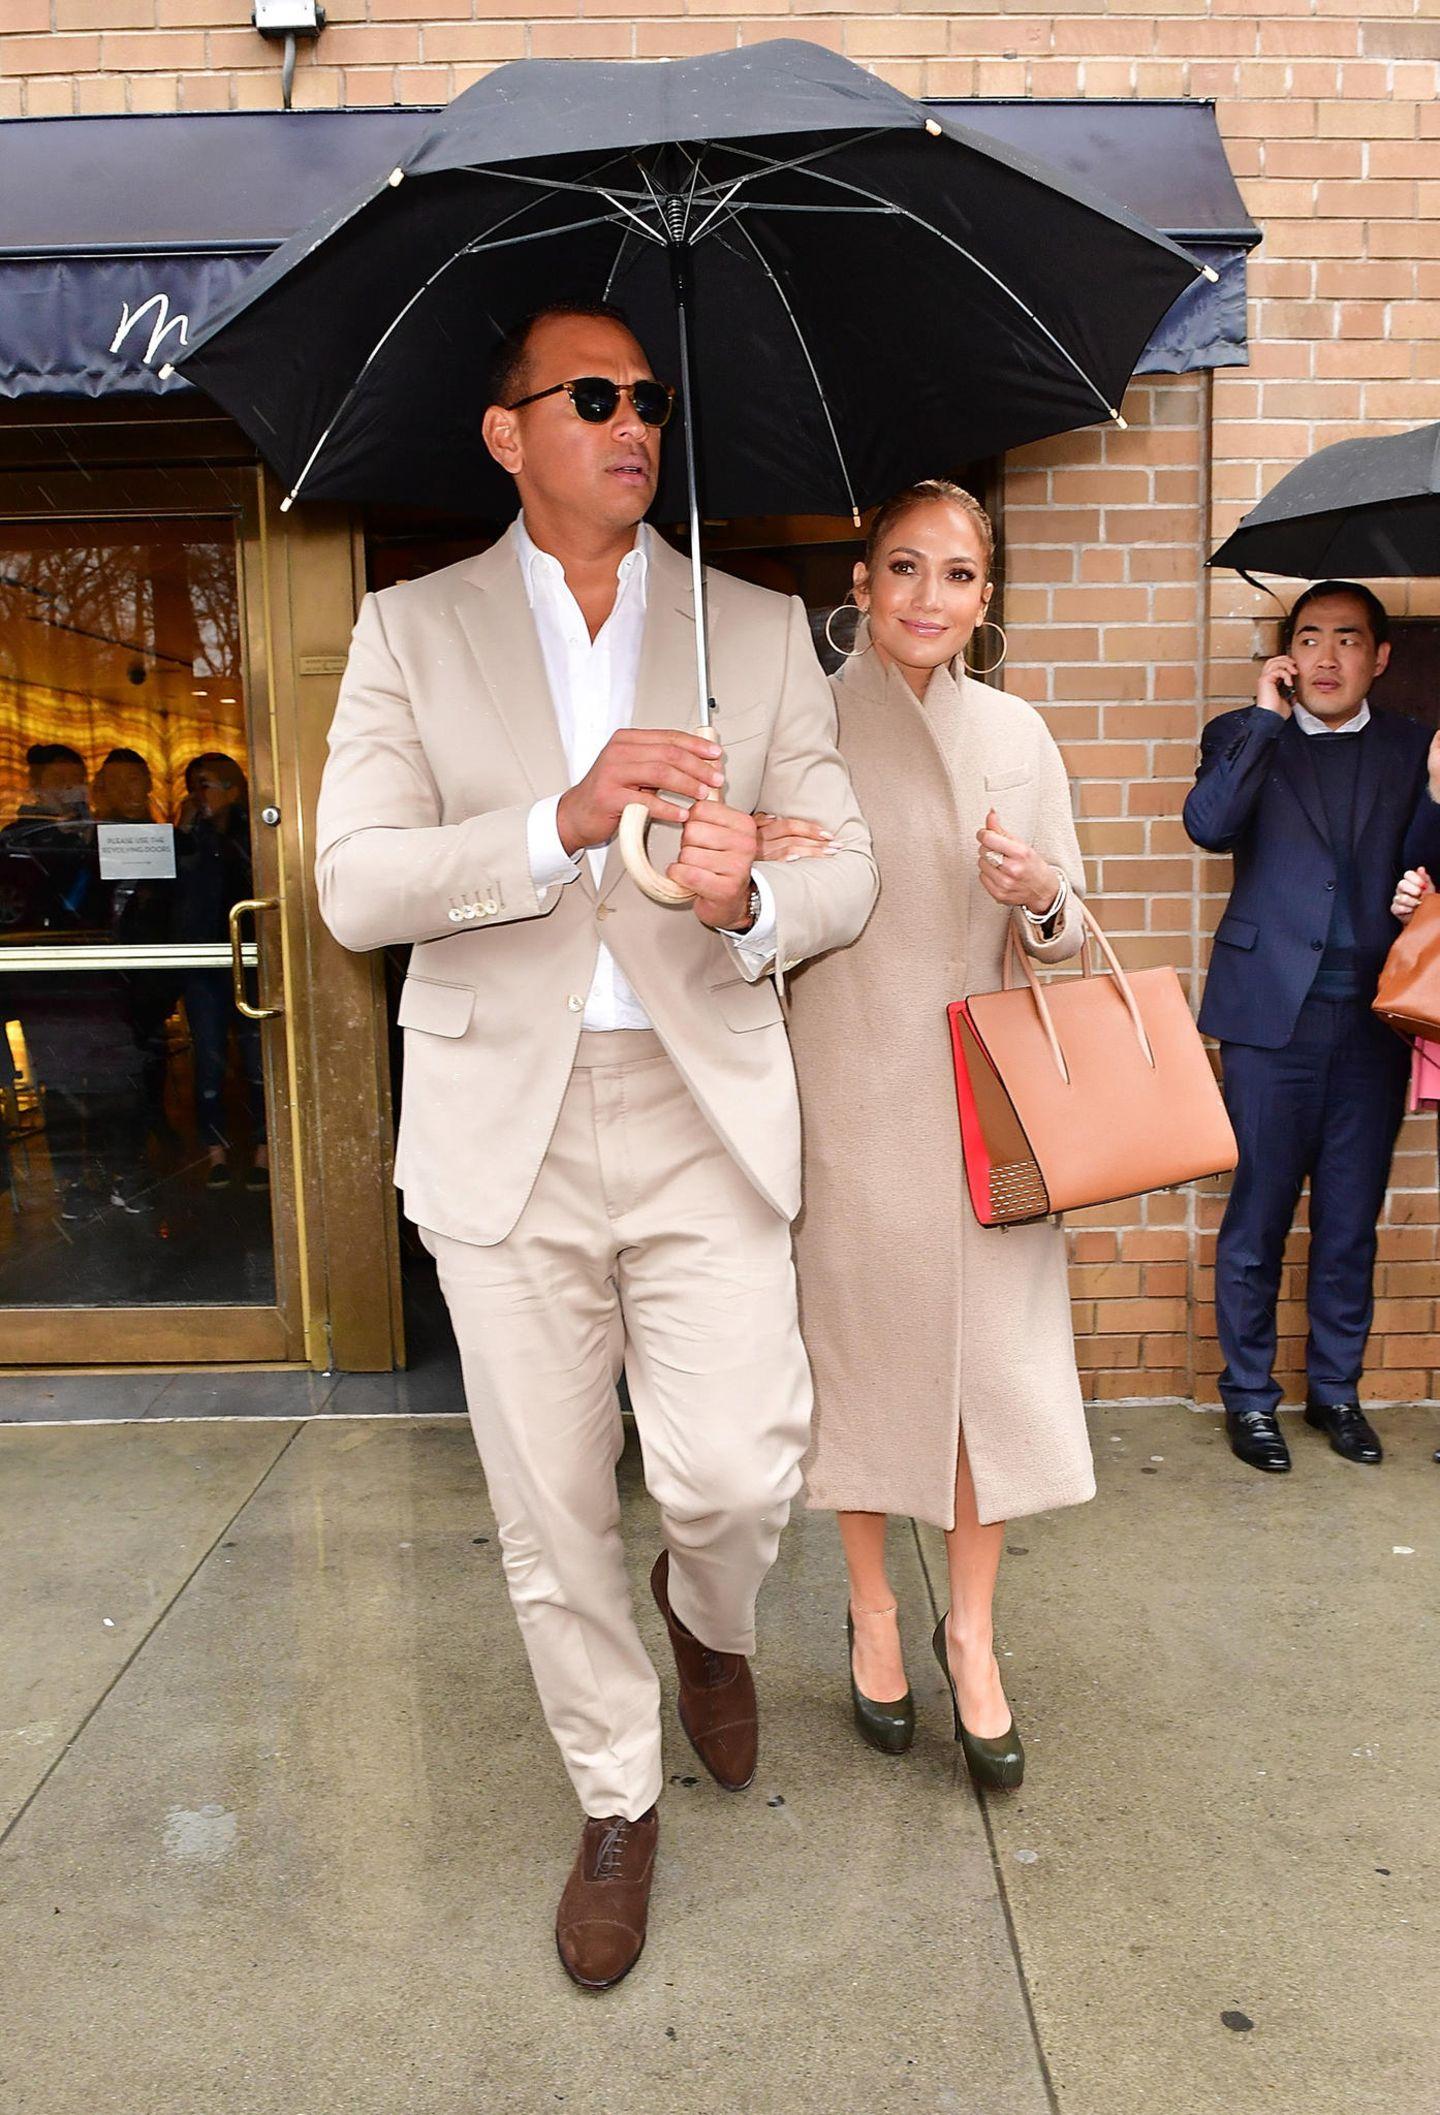 Stars im Partnerlook: Jennifer Lopez mit Alex Rodriguez unterm Regenschirm